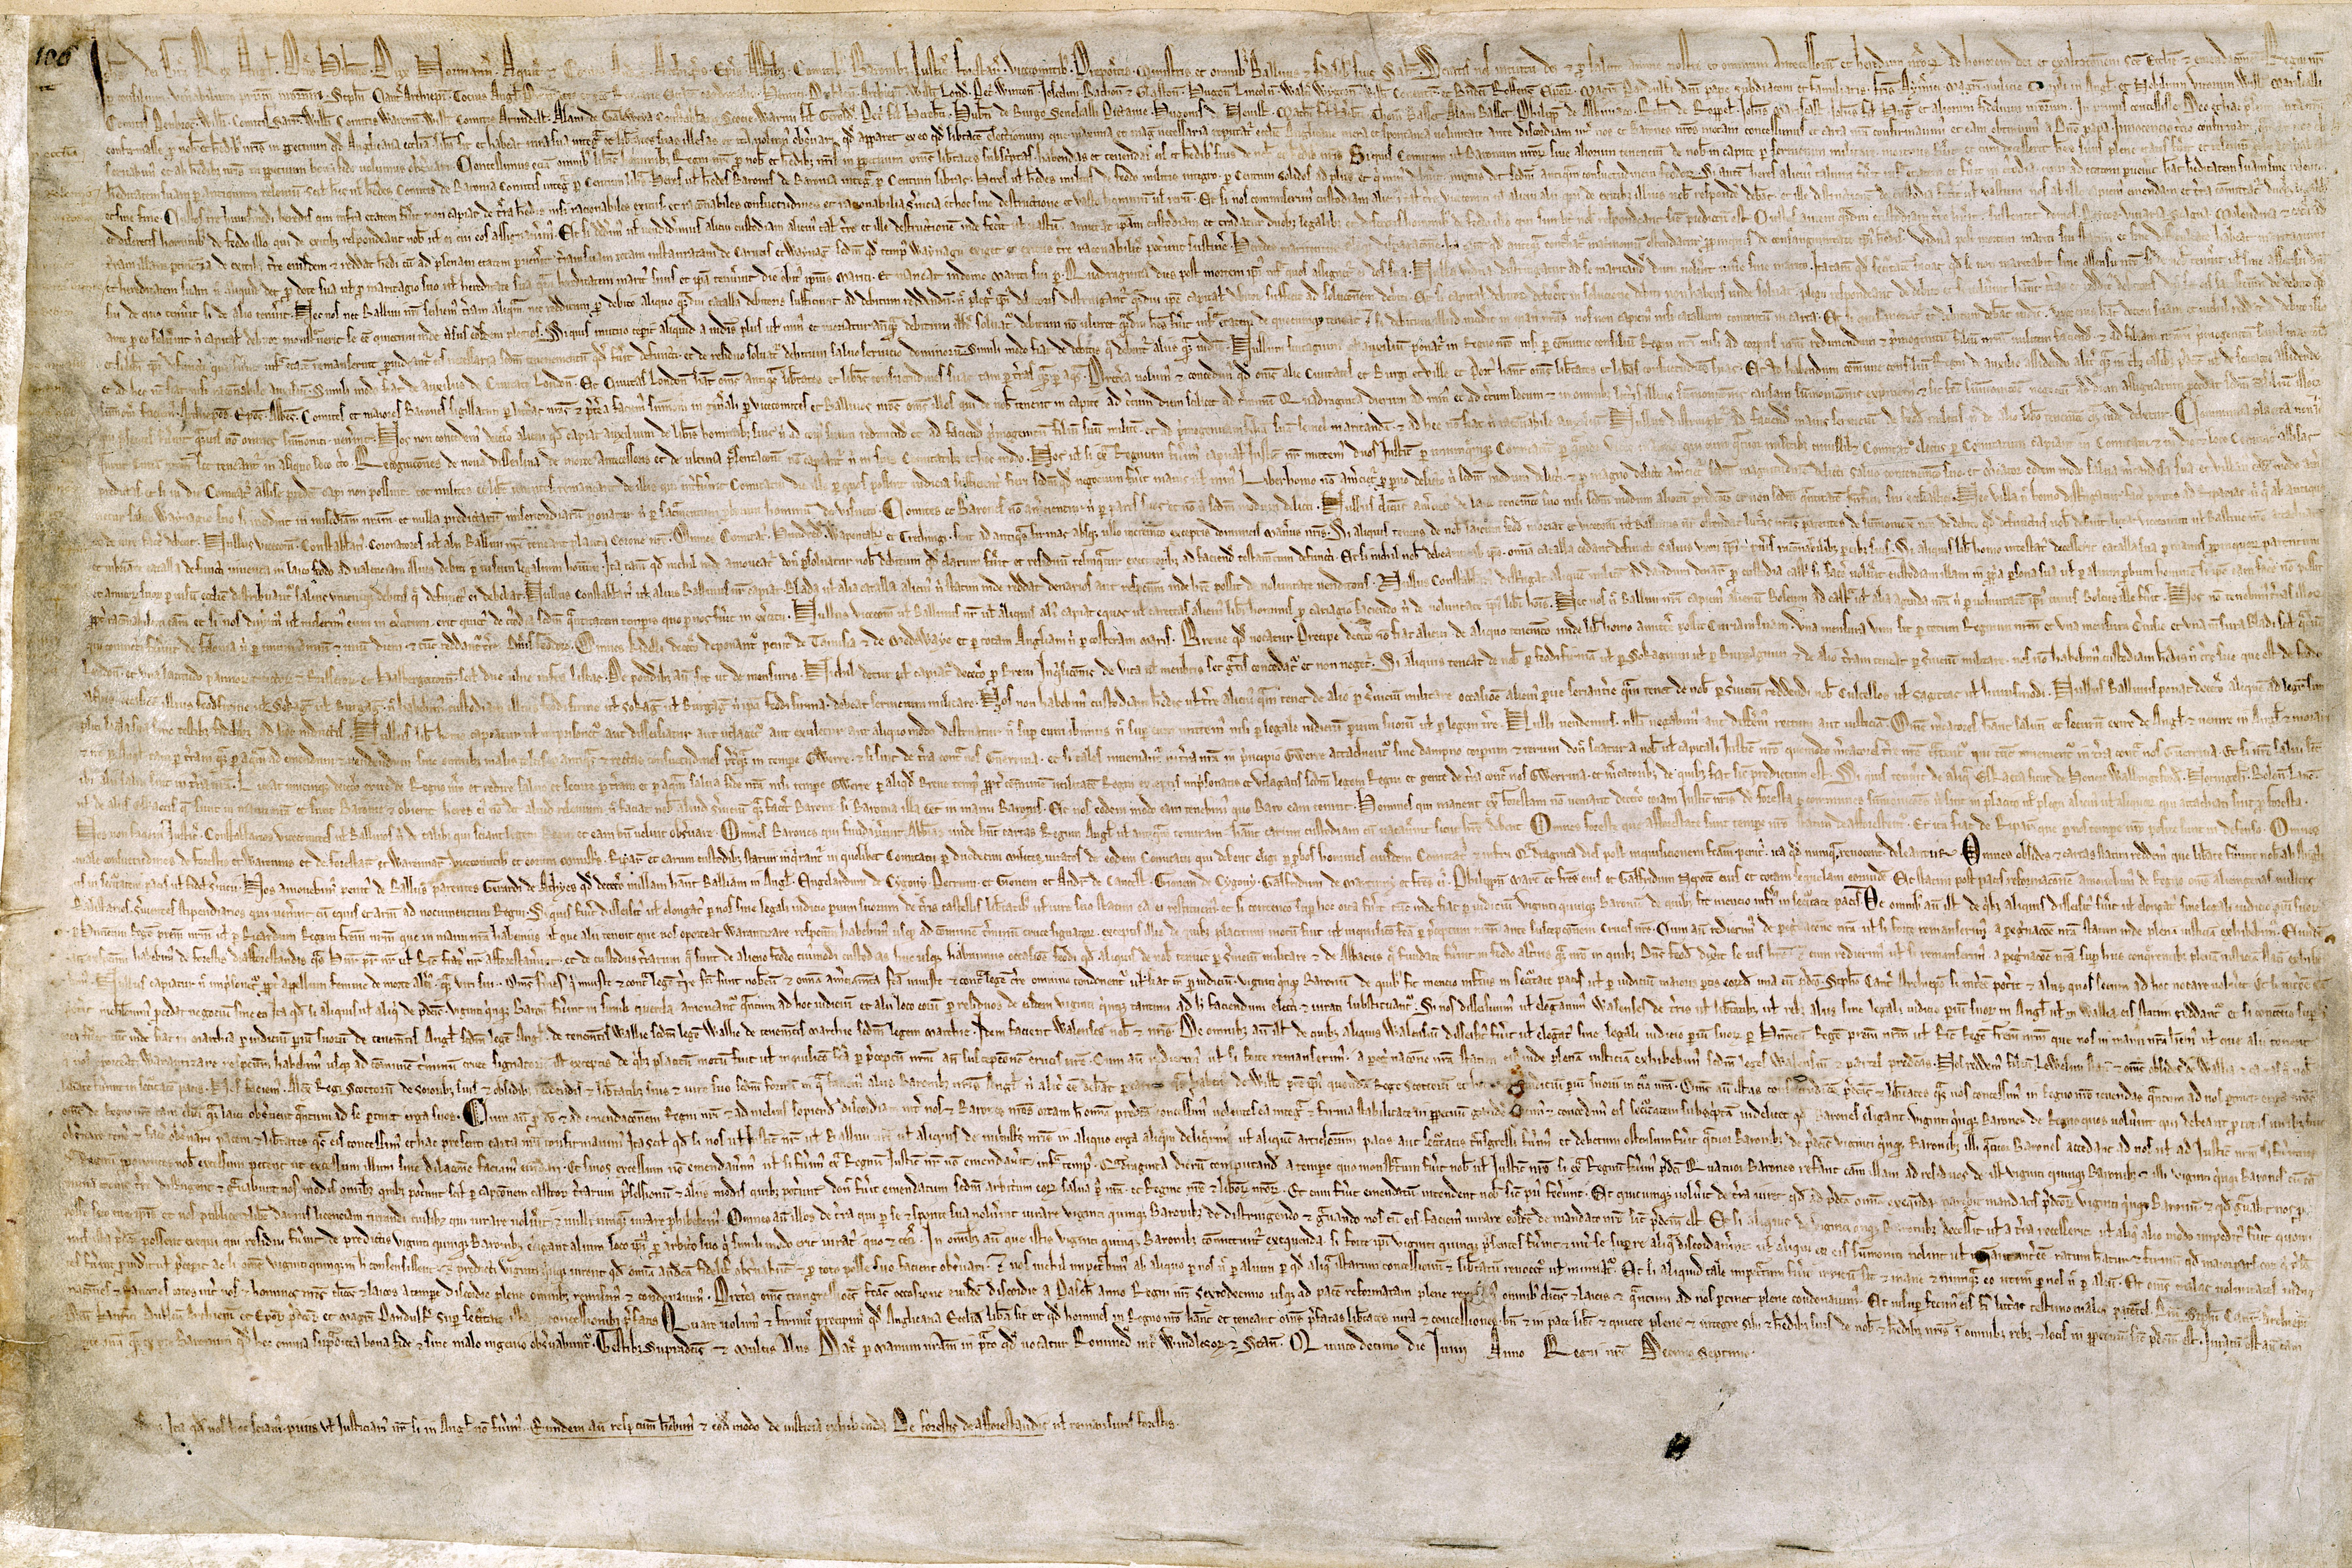 La Carta Magna y otros mitos constitucionales